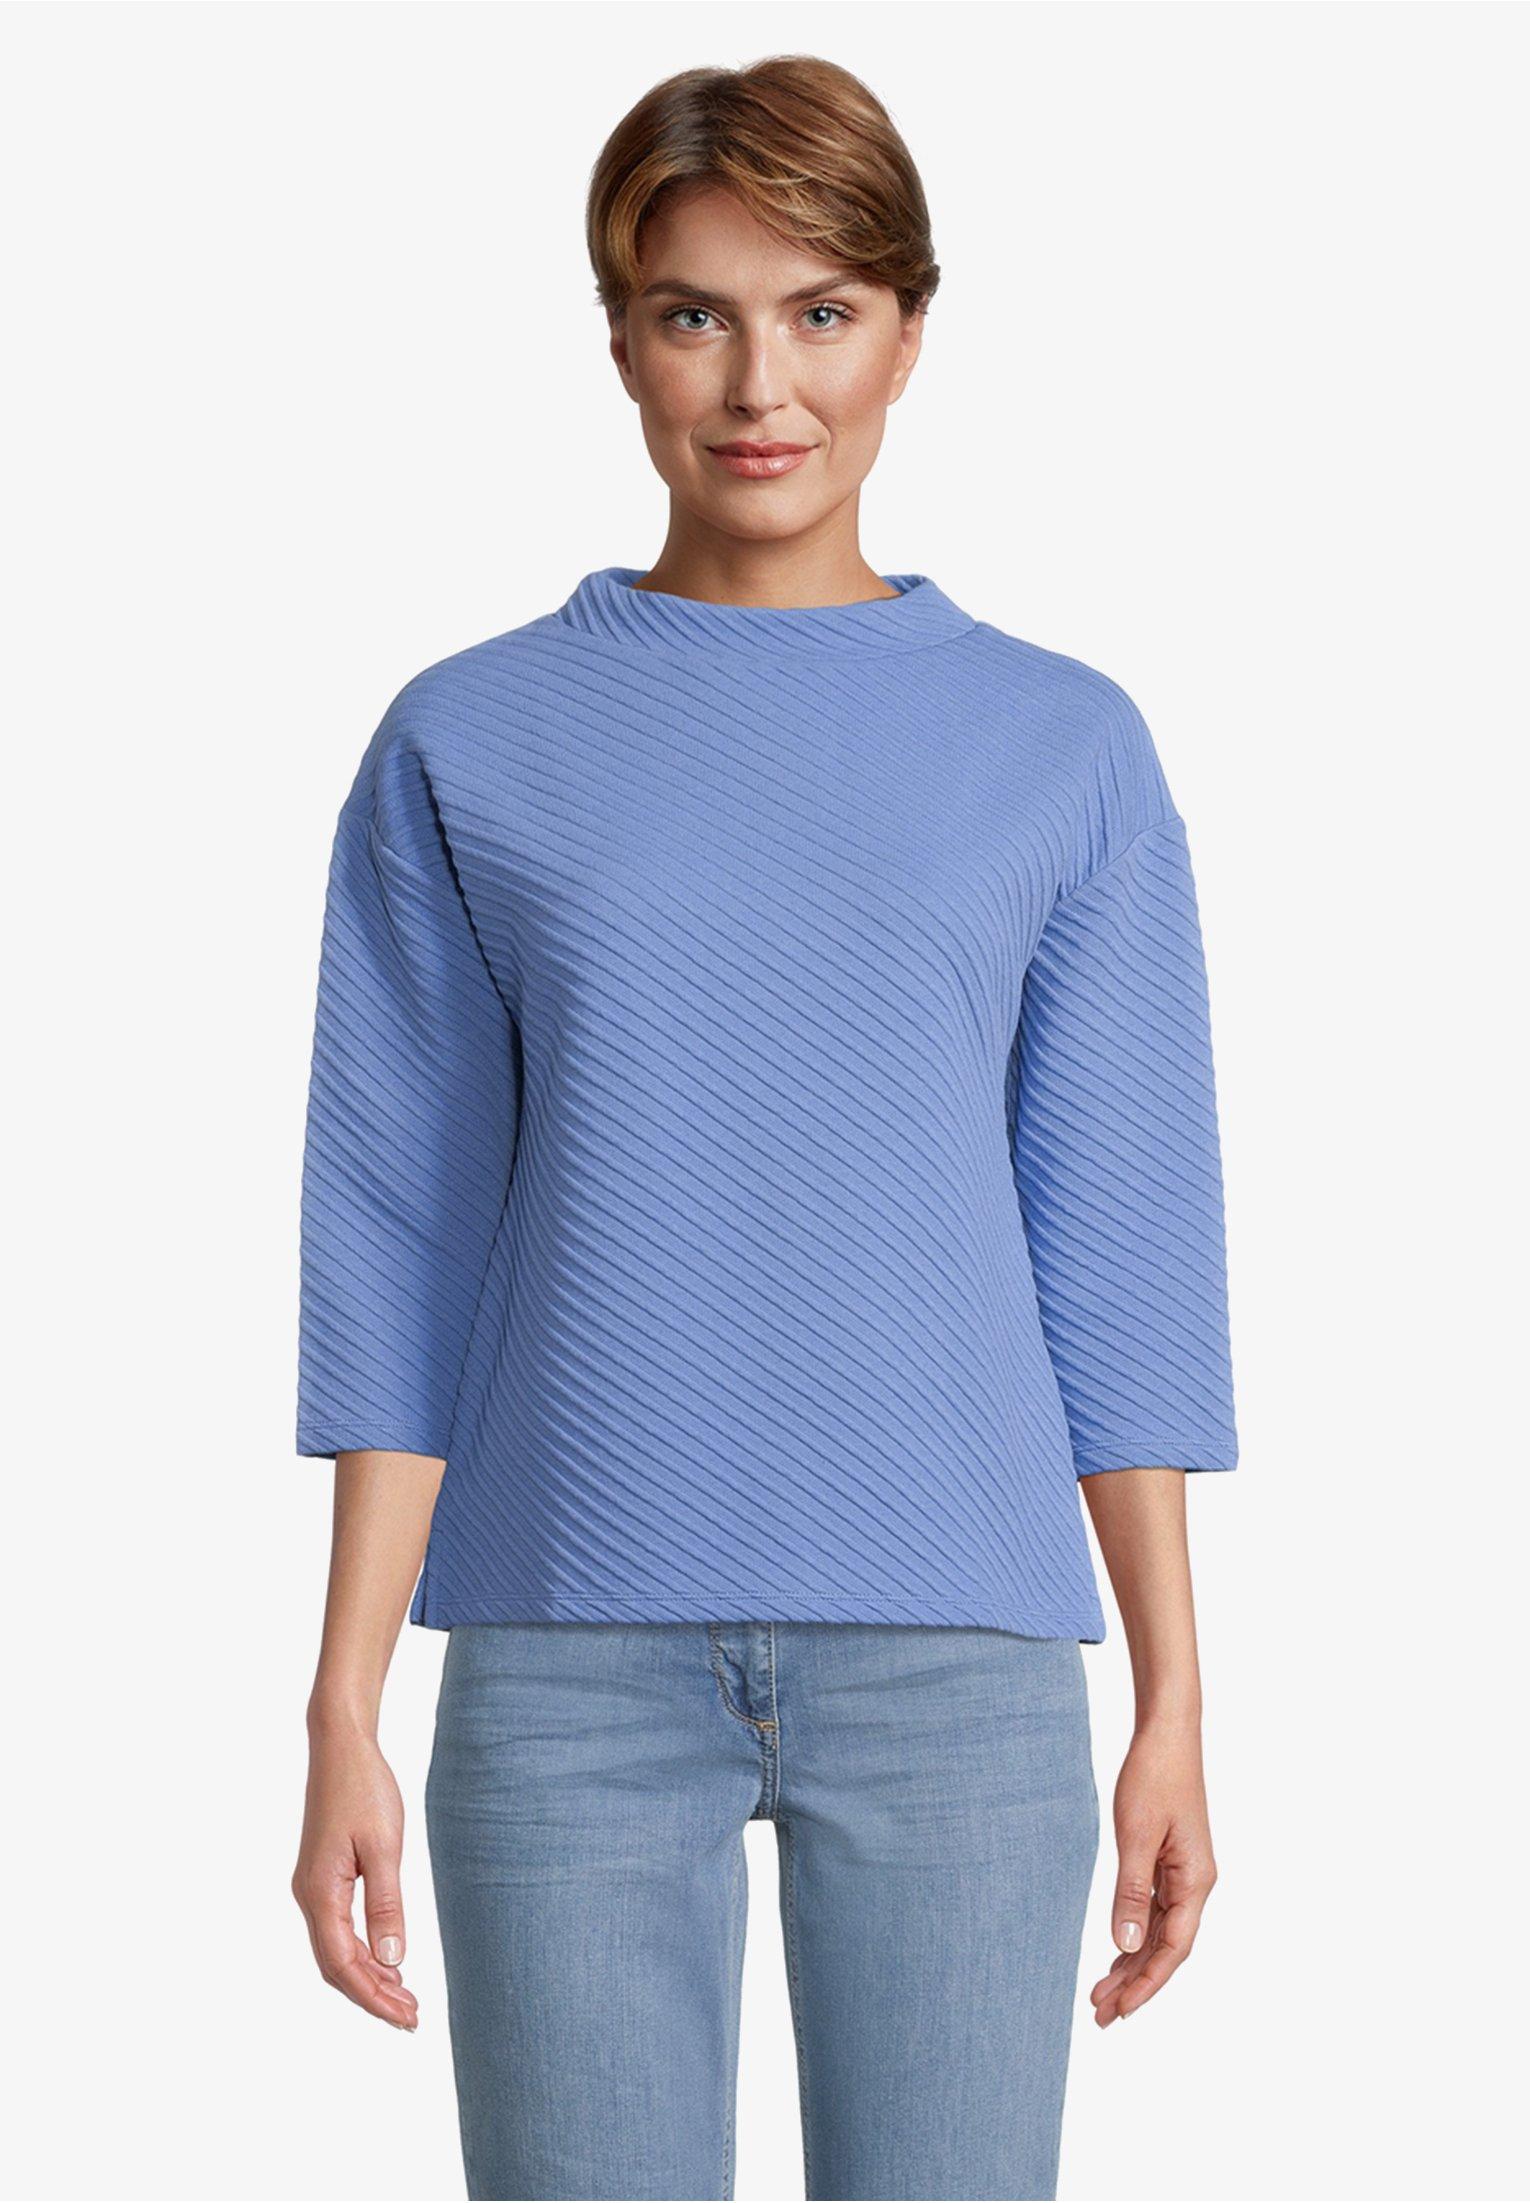 Damen MIT RIPPENSTRUKTUR - Sweatshirt